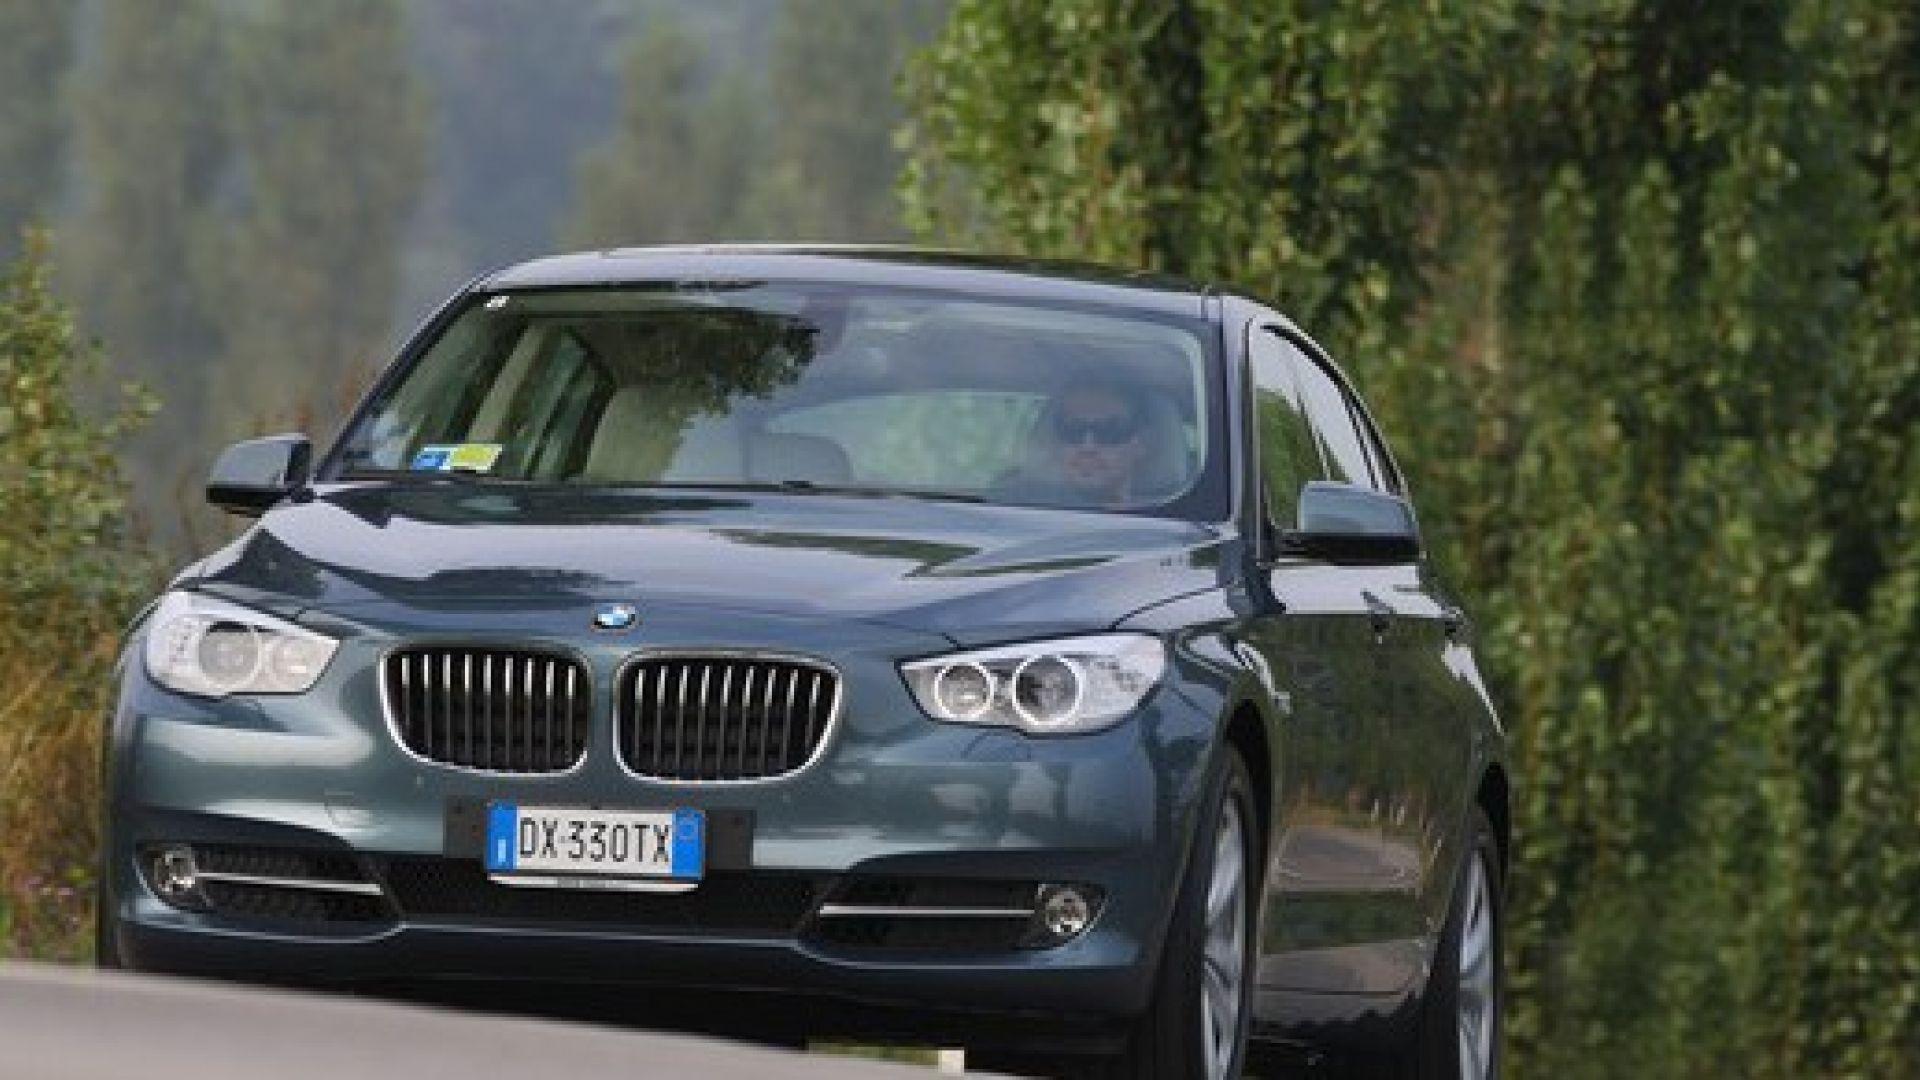 Immagine 67: Le auto più affidabili secondo l'ADAC